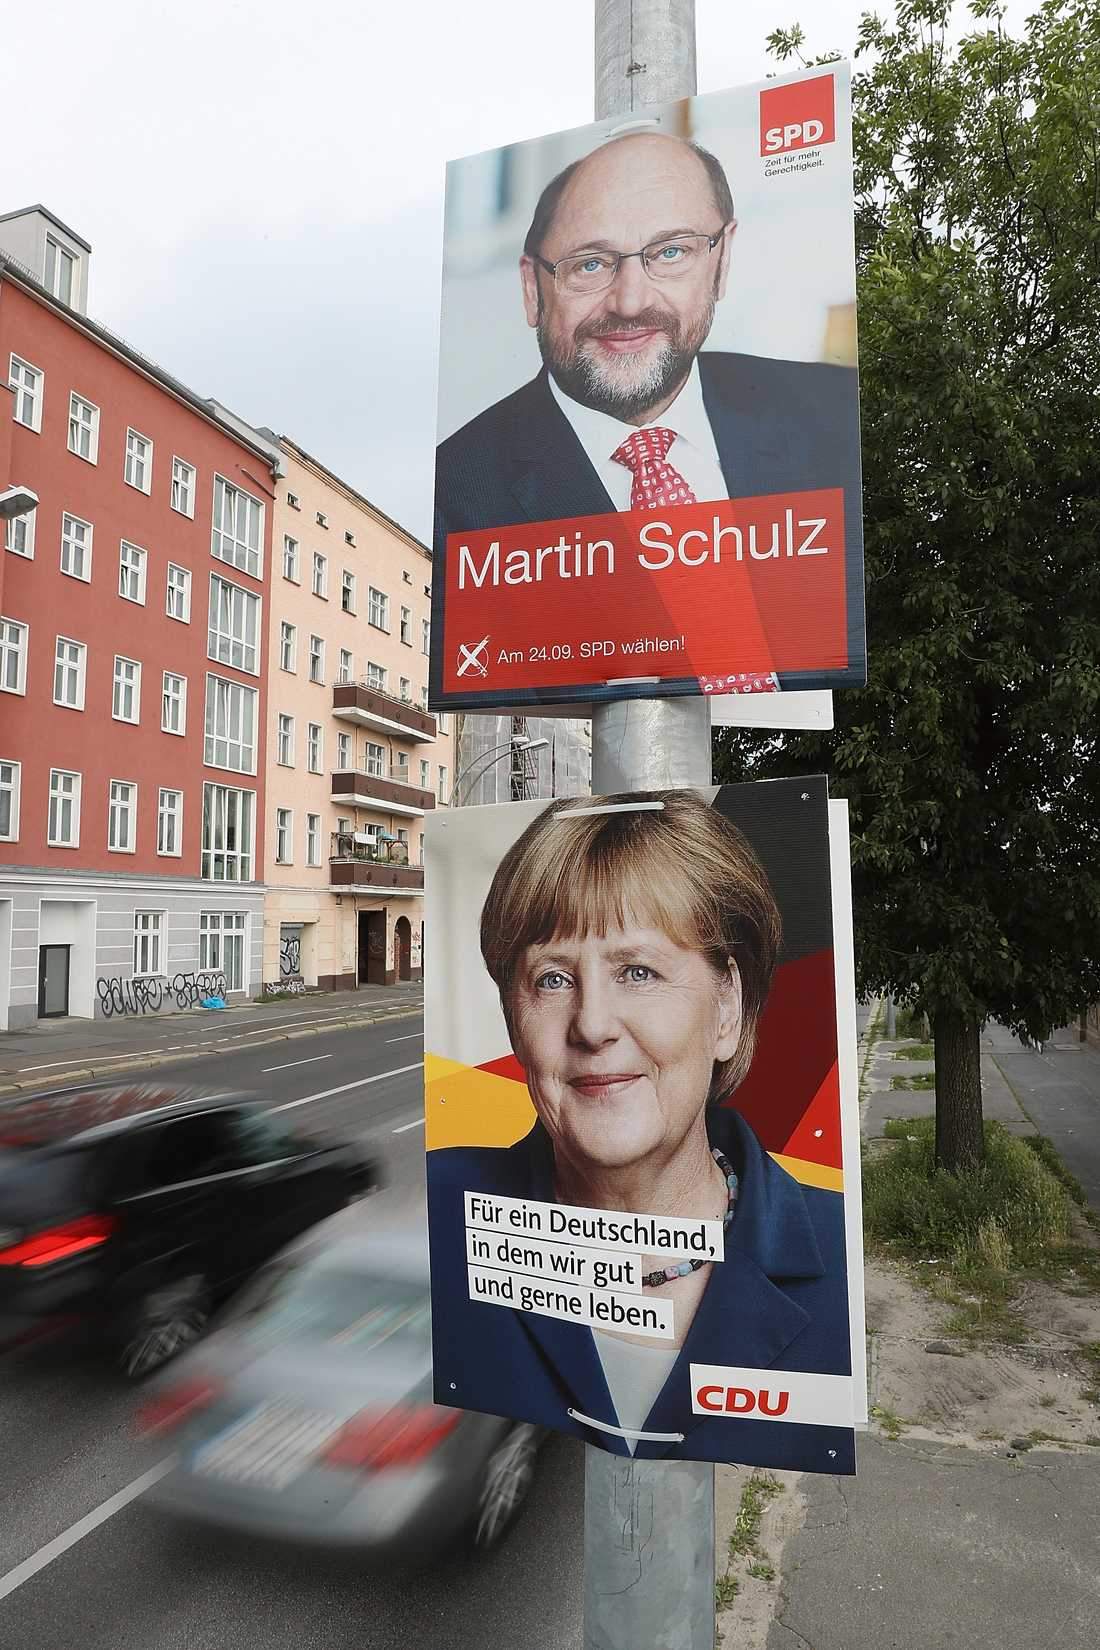 Valet i Tyskland står mellan Martin Schulz (SPD) och Angela Merkel (CDU).